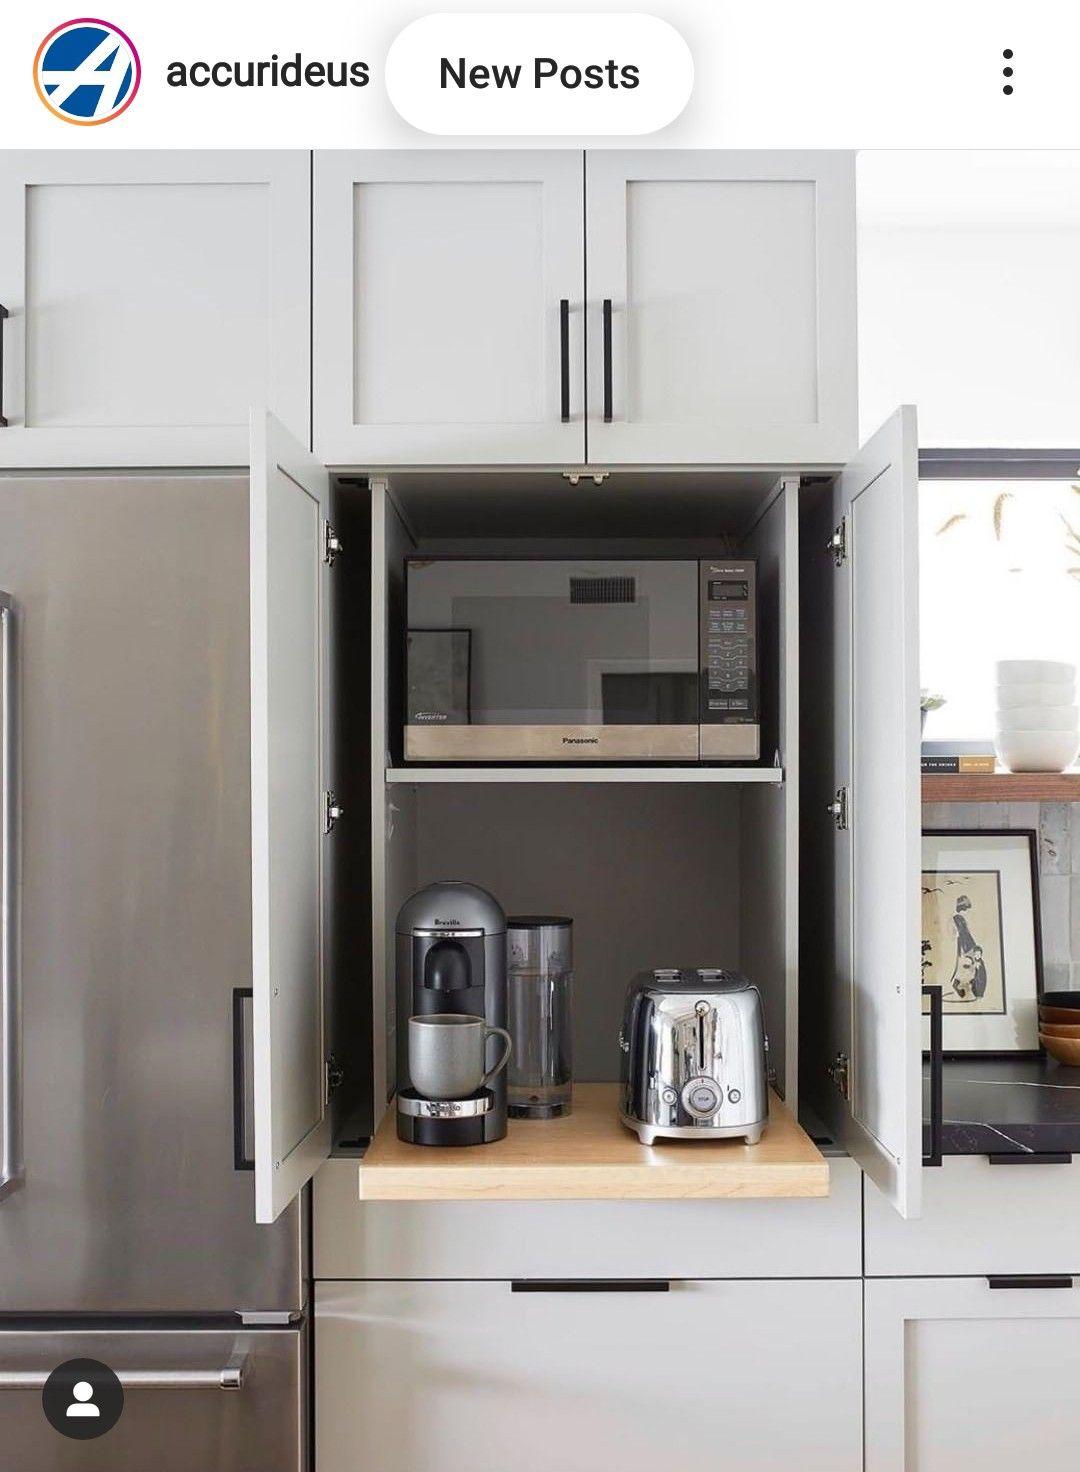 Pin By Gram On Einrichtung In 2020 Kitchen Appliance Garage Kitchen Storage Solutions Appliance Garage